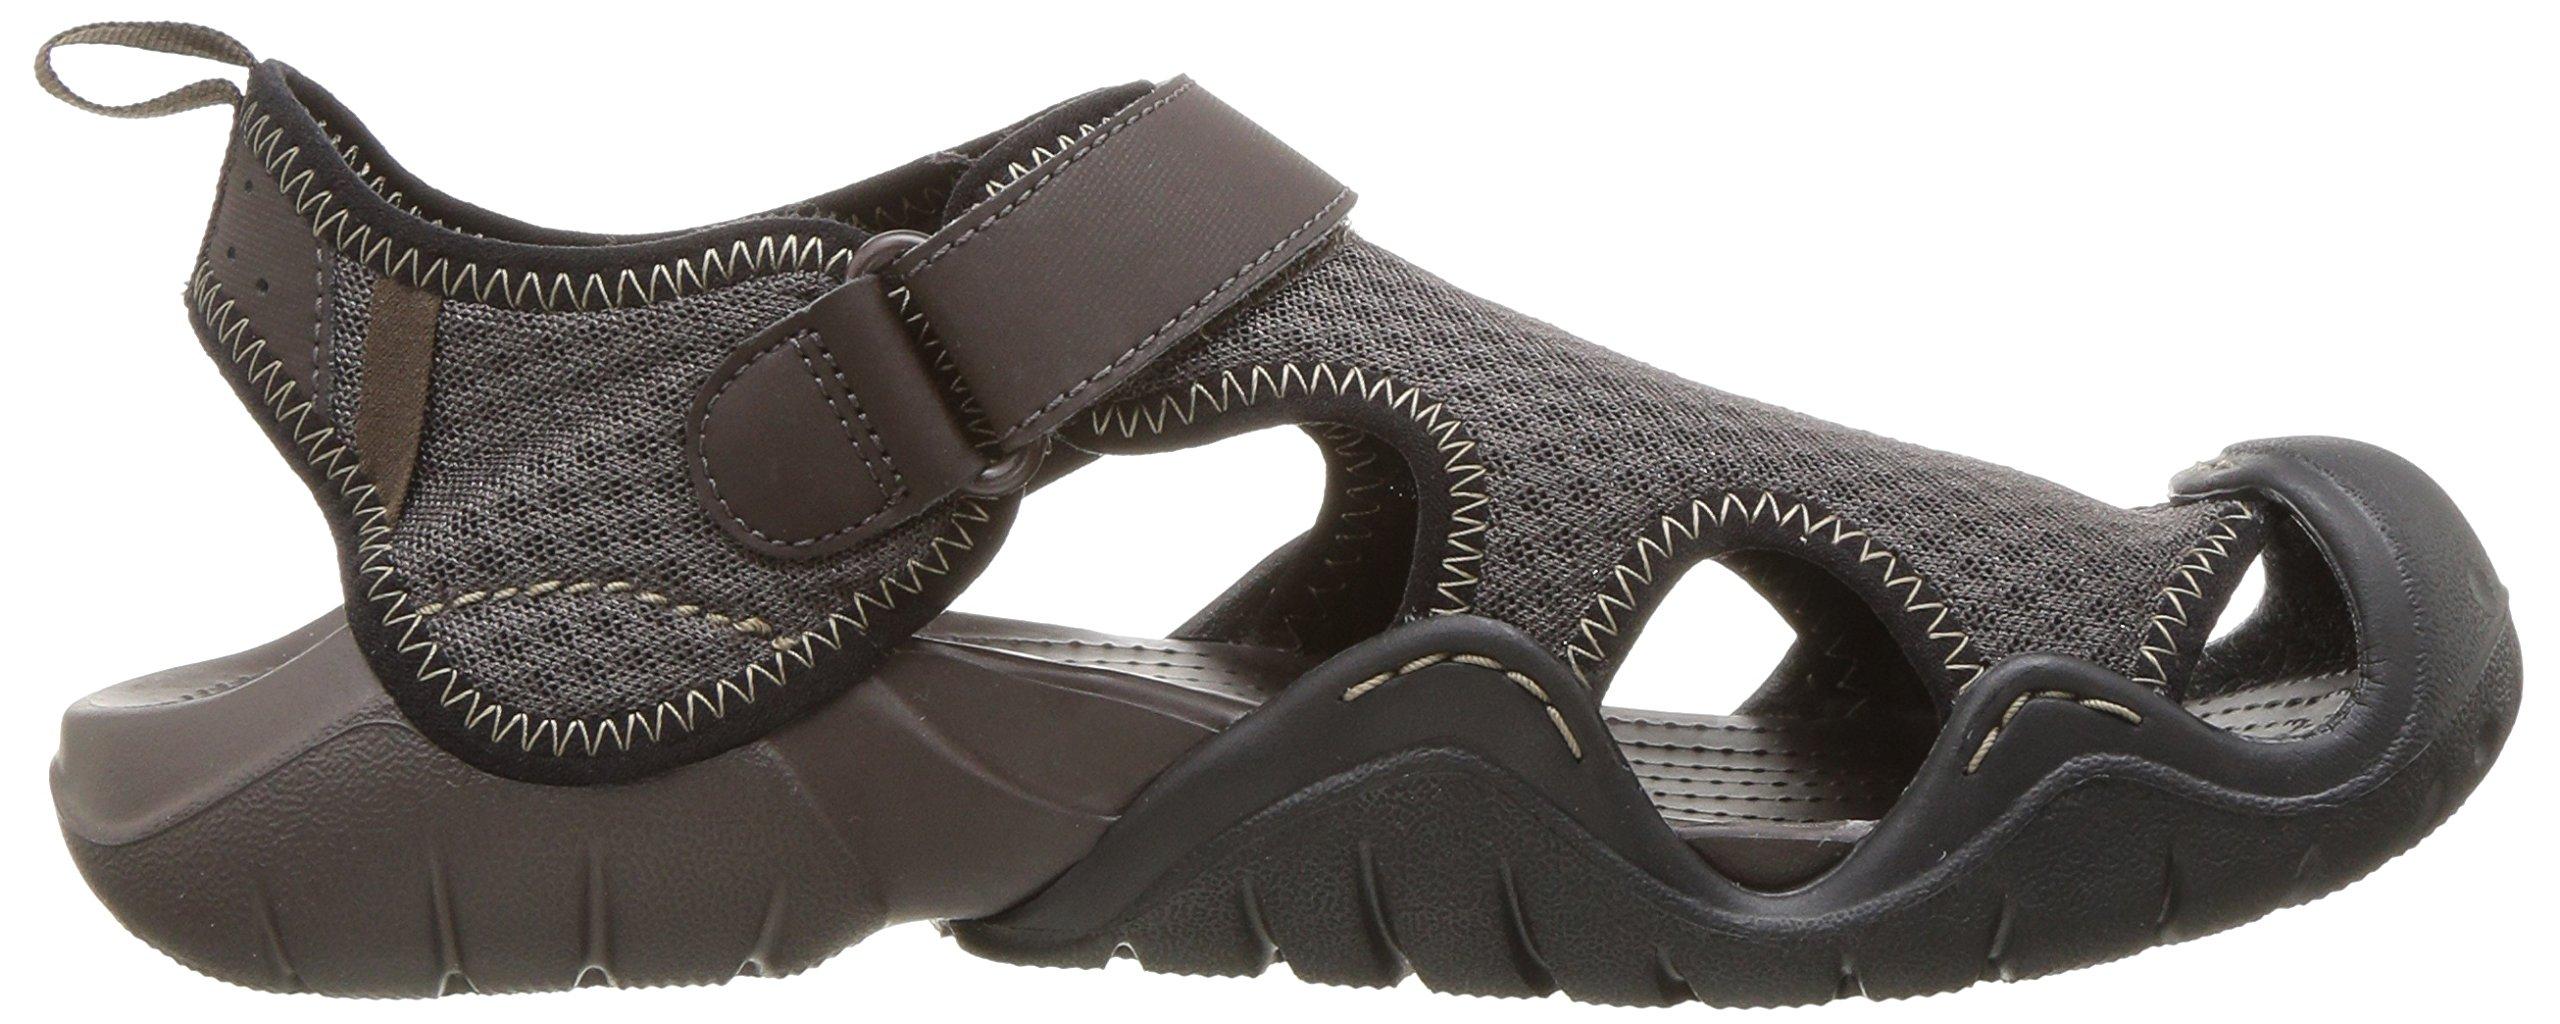 e4c2191cc3df Crocs Men s Swiftwater Mesh Sandal - CROCSSwiftwaterSndlM   Sandals    Clothing